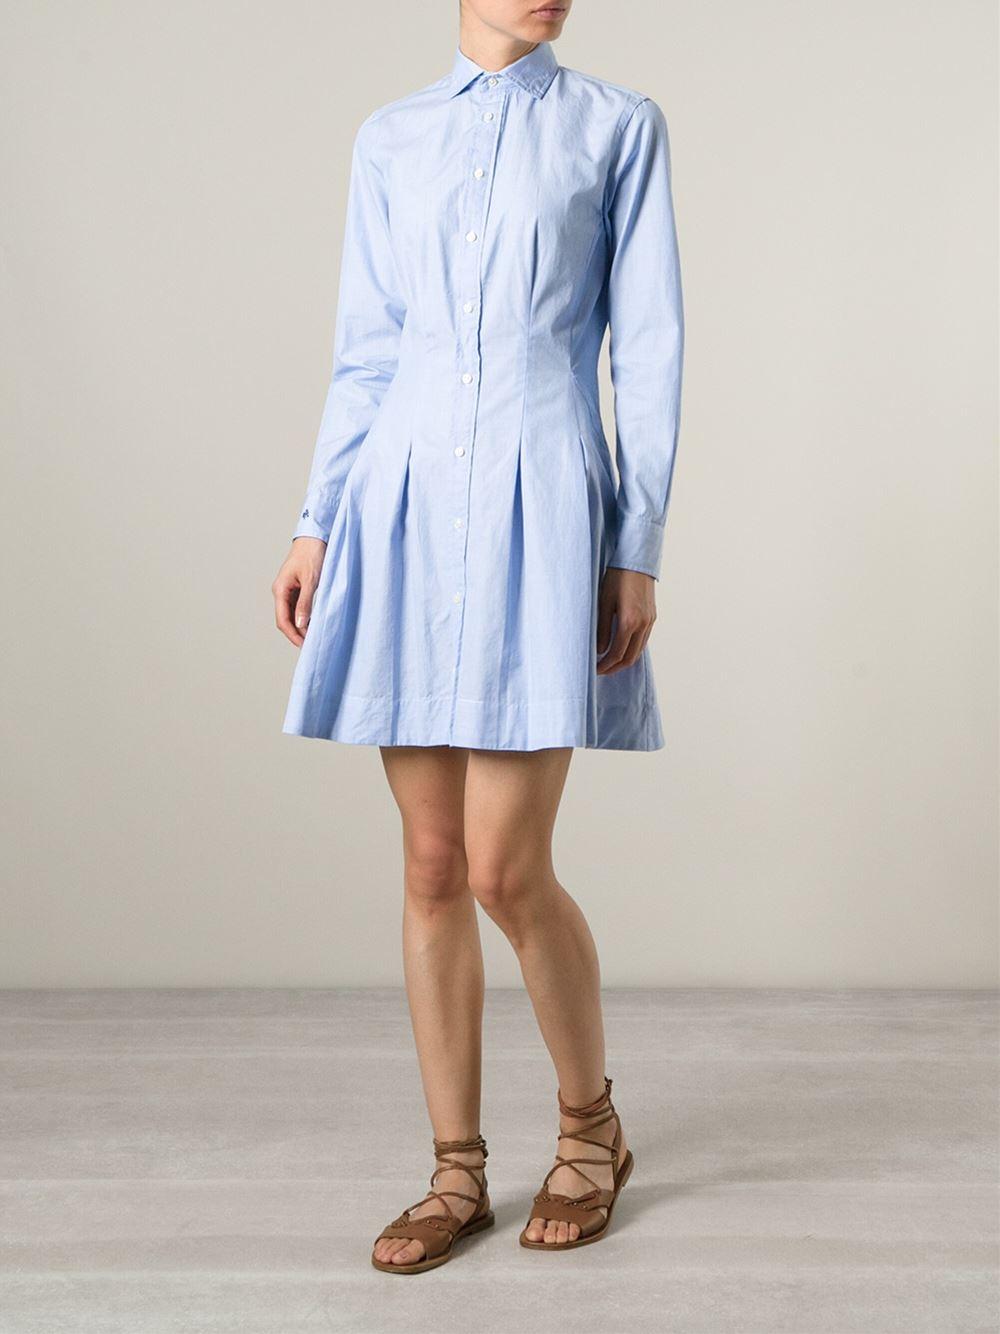 Lyst Polo Ralph Lauren Flared Shirt Dress In Blue